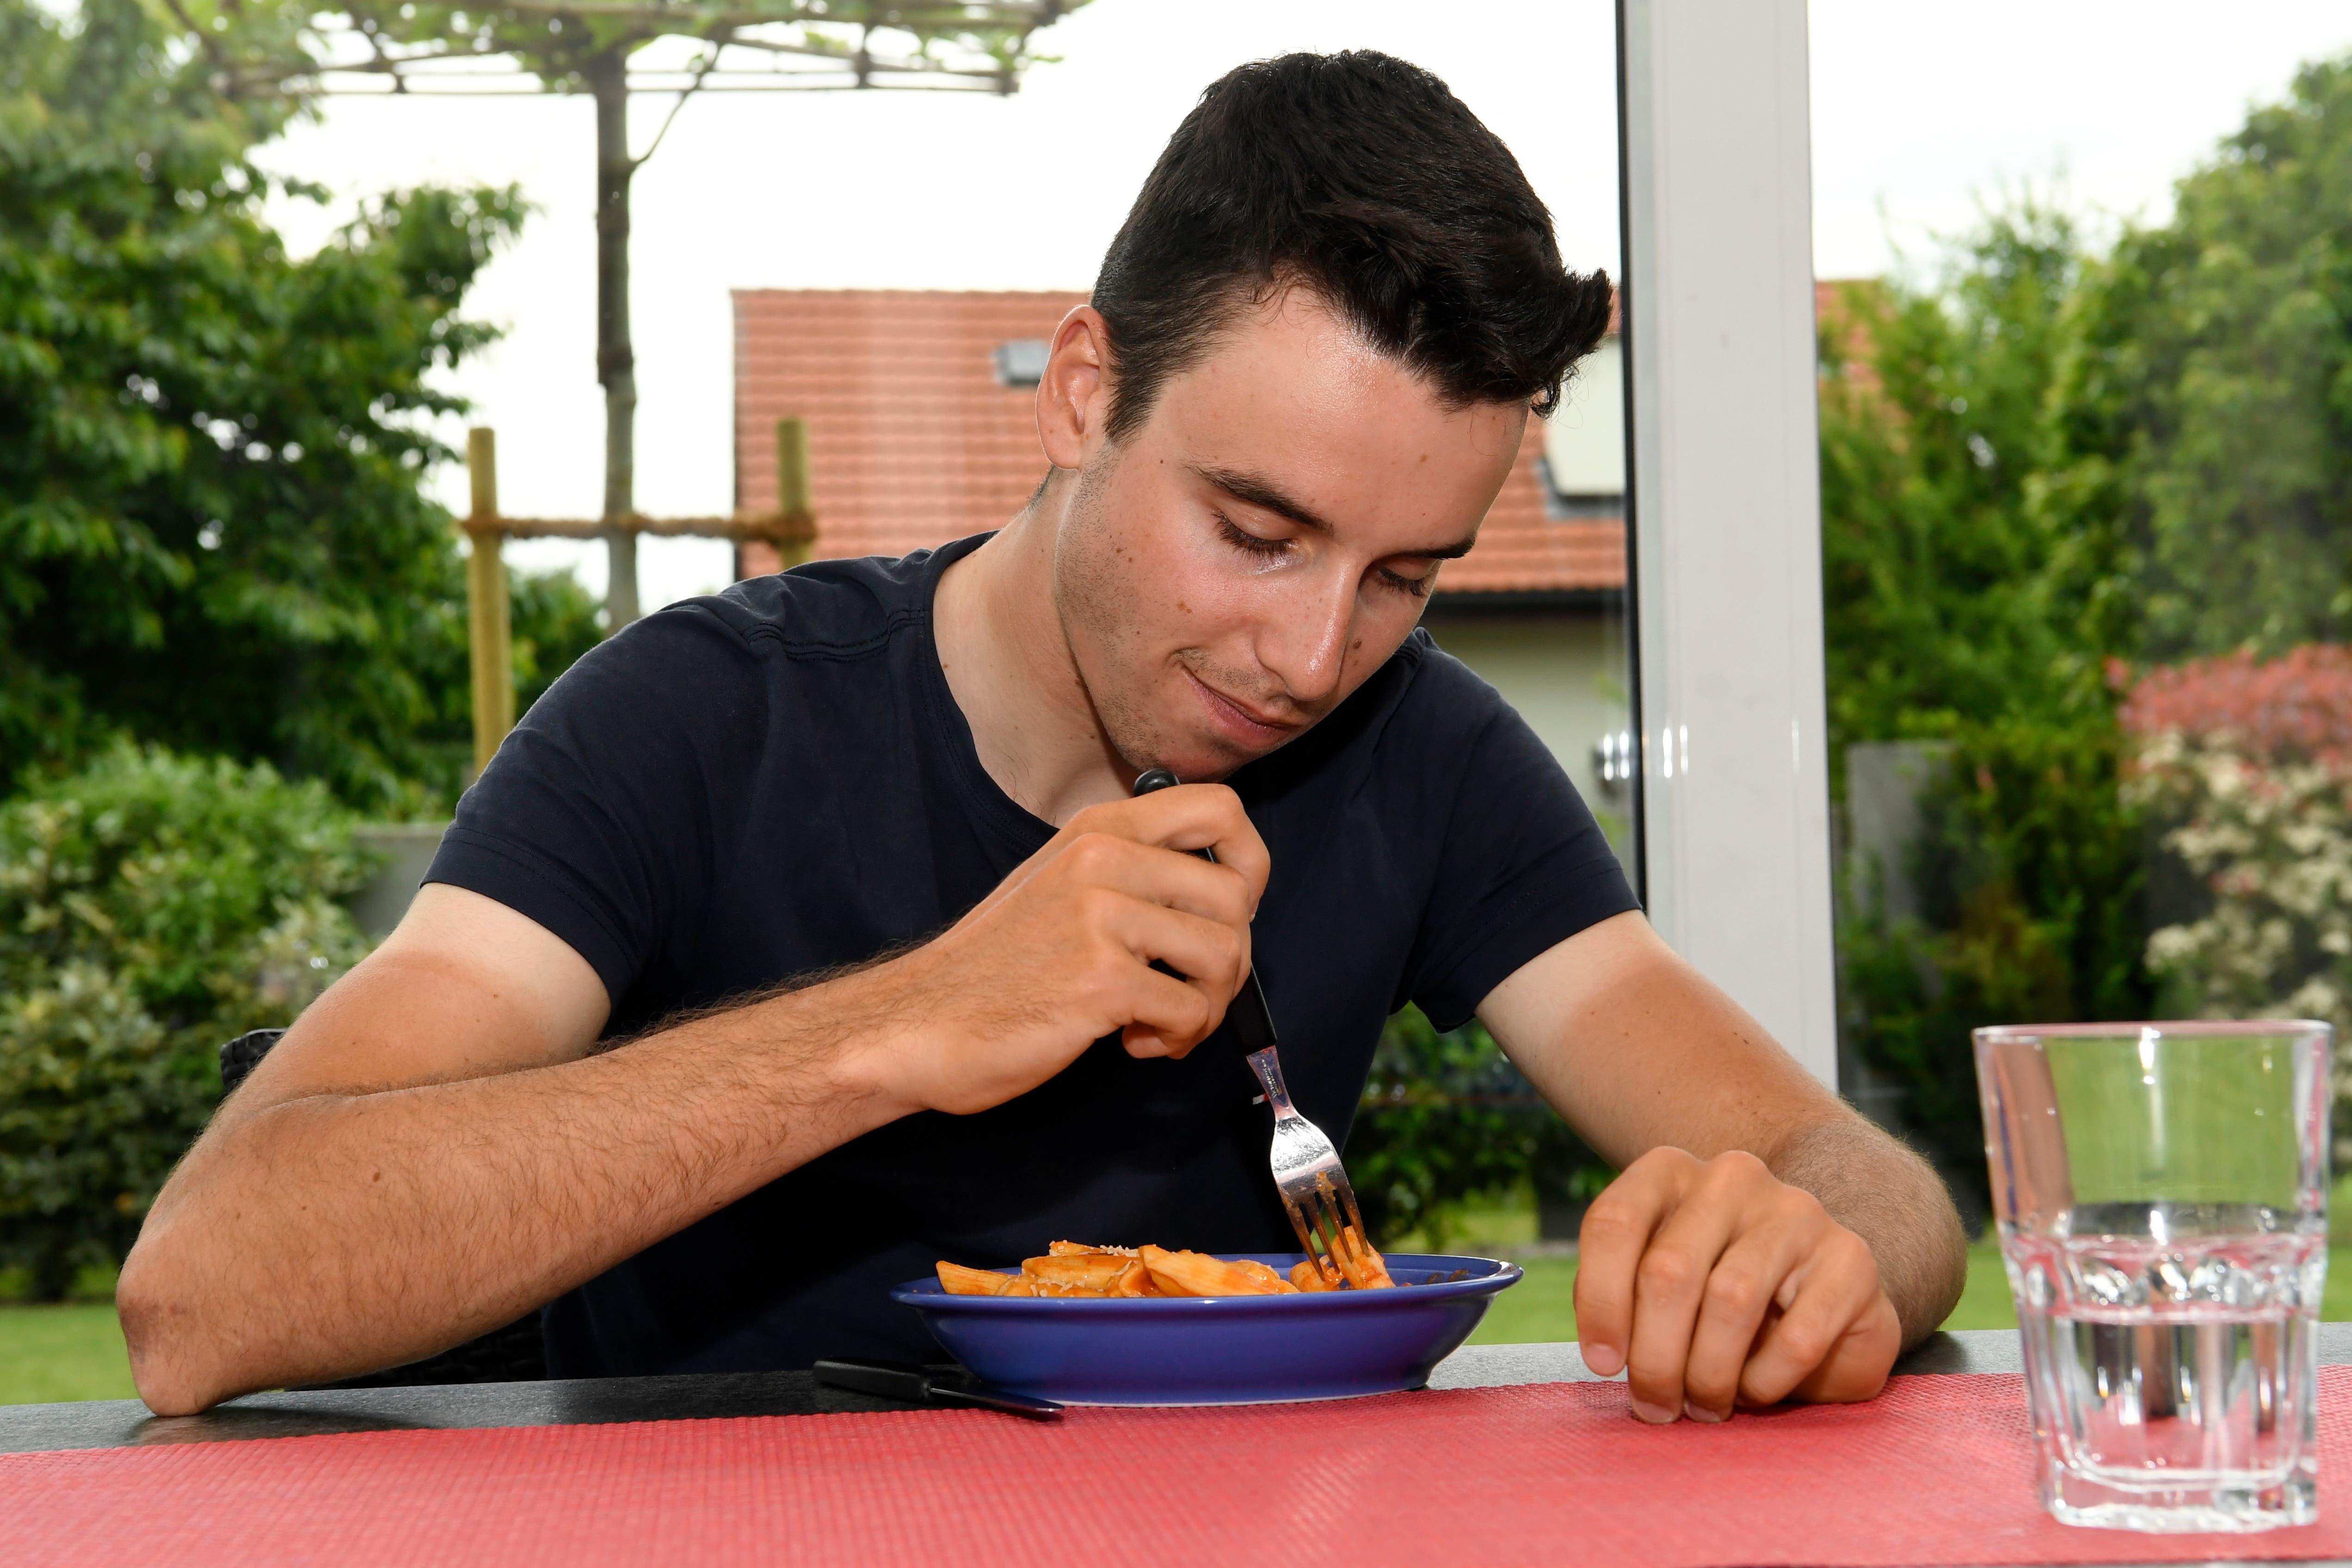 Fabio Christen füllt vor dem Rennen noch einmal seine Kraftreserven mit einem Teller Pasta auf.